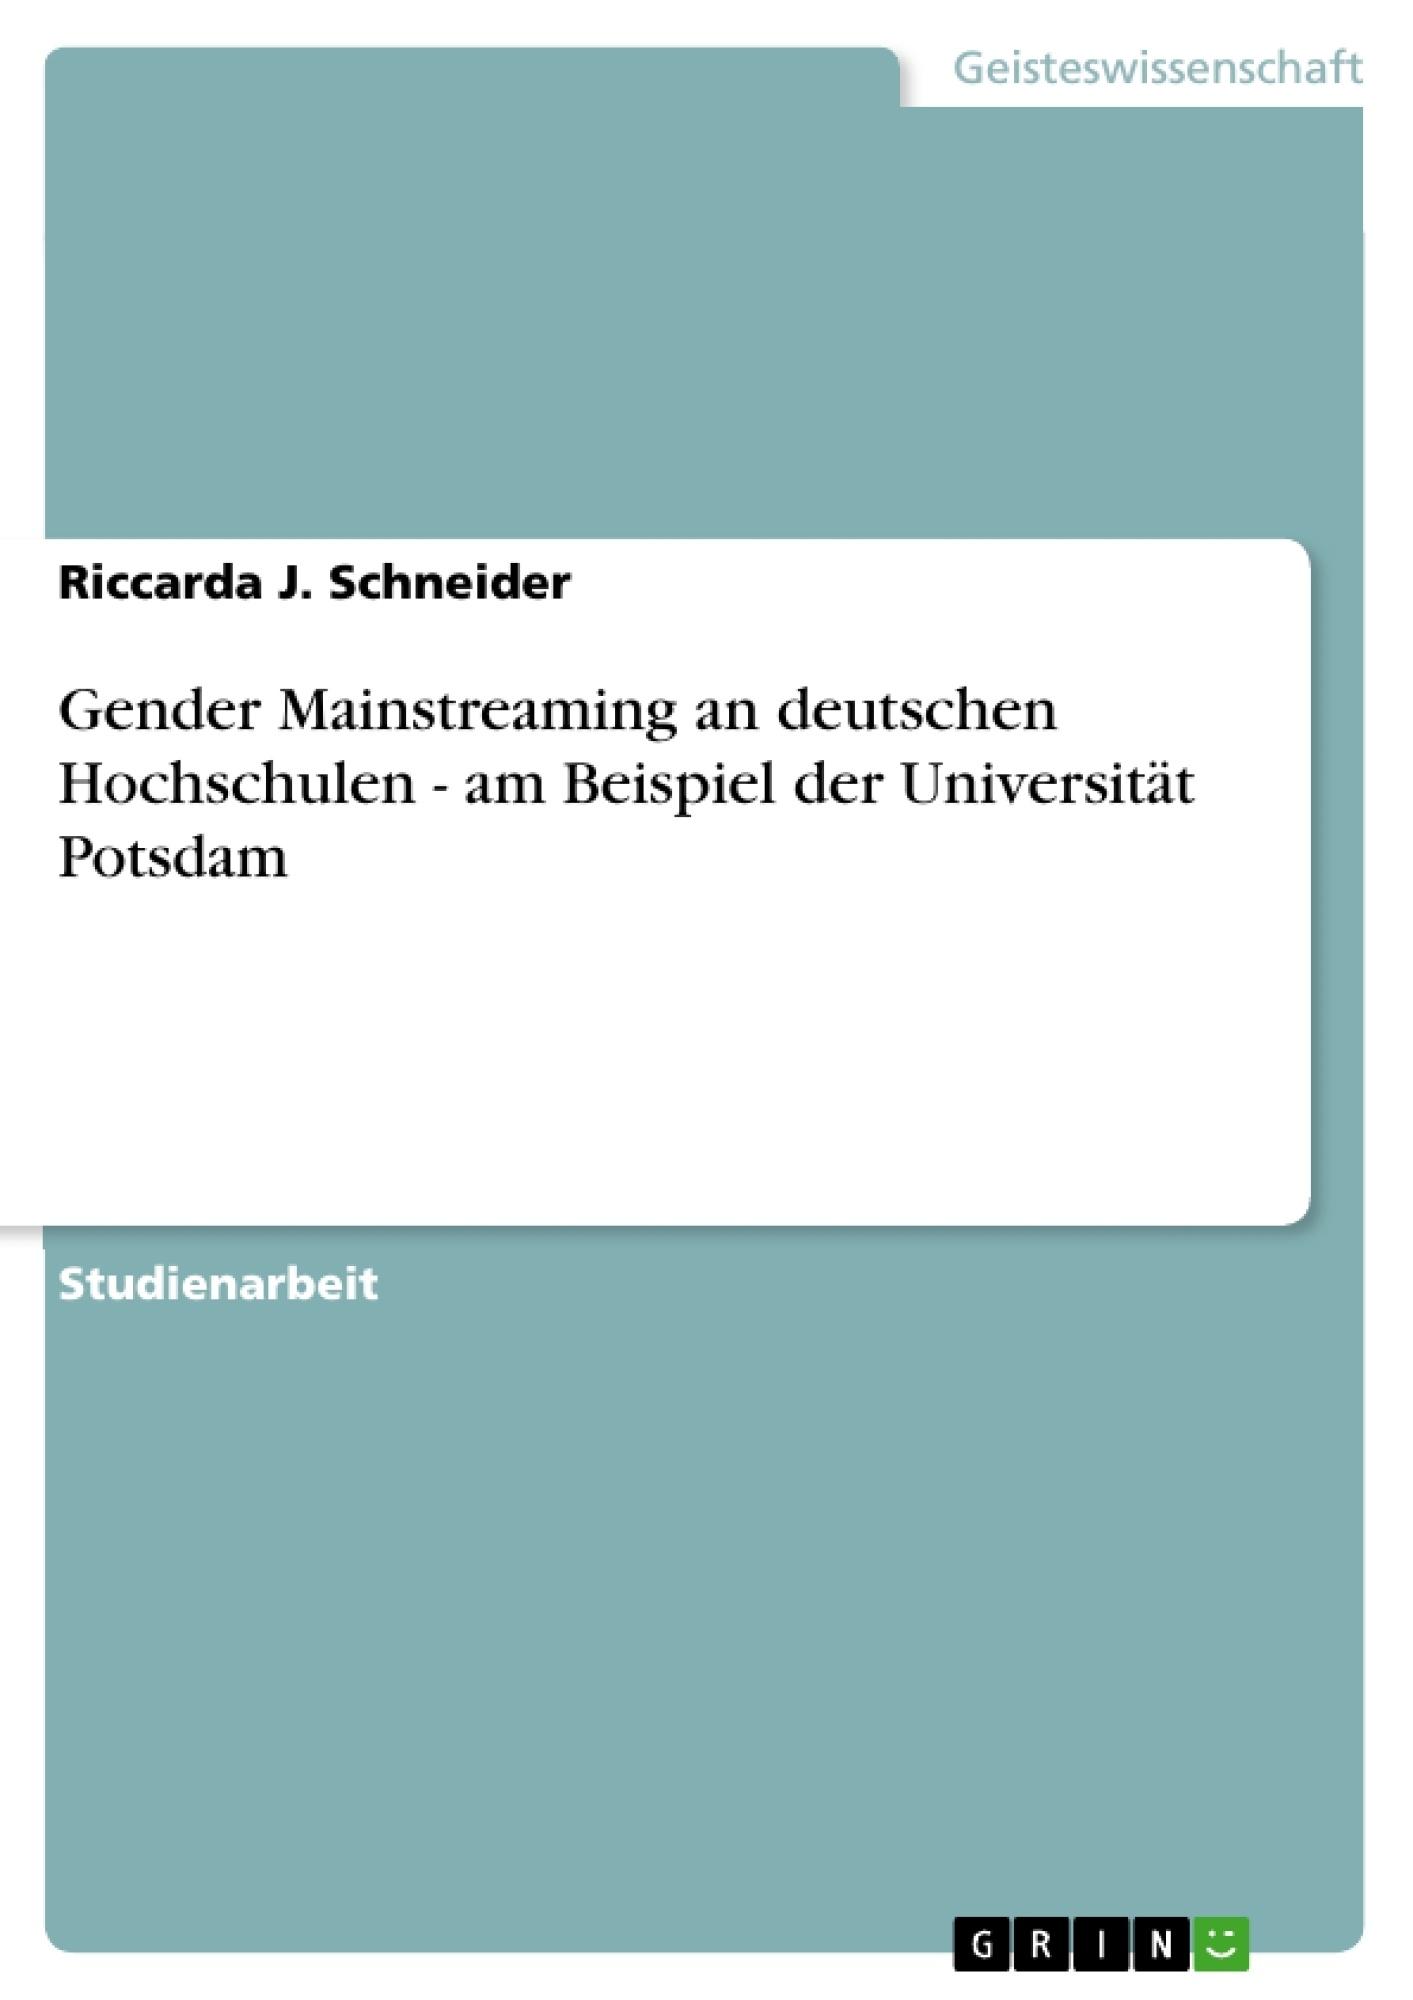 Titel: Gender Mainstreaming an deutschen Hochschulen - am Beispiel der Universität Potsdam